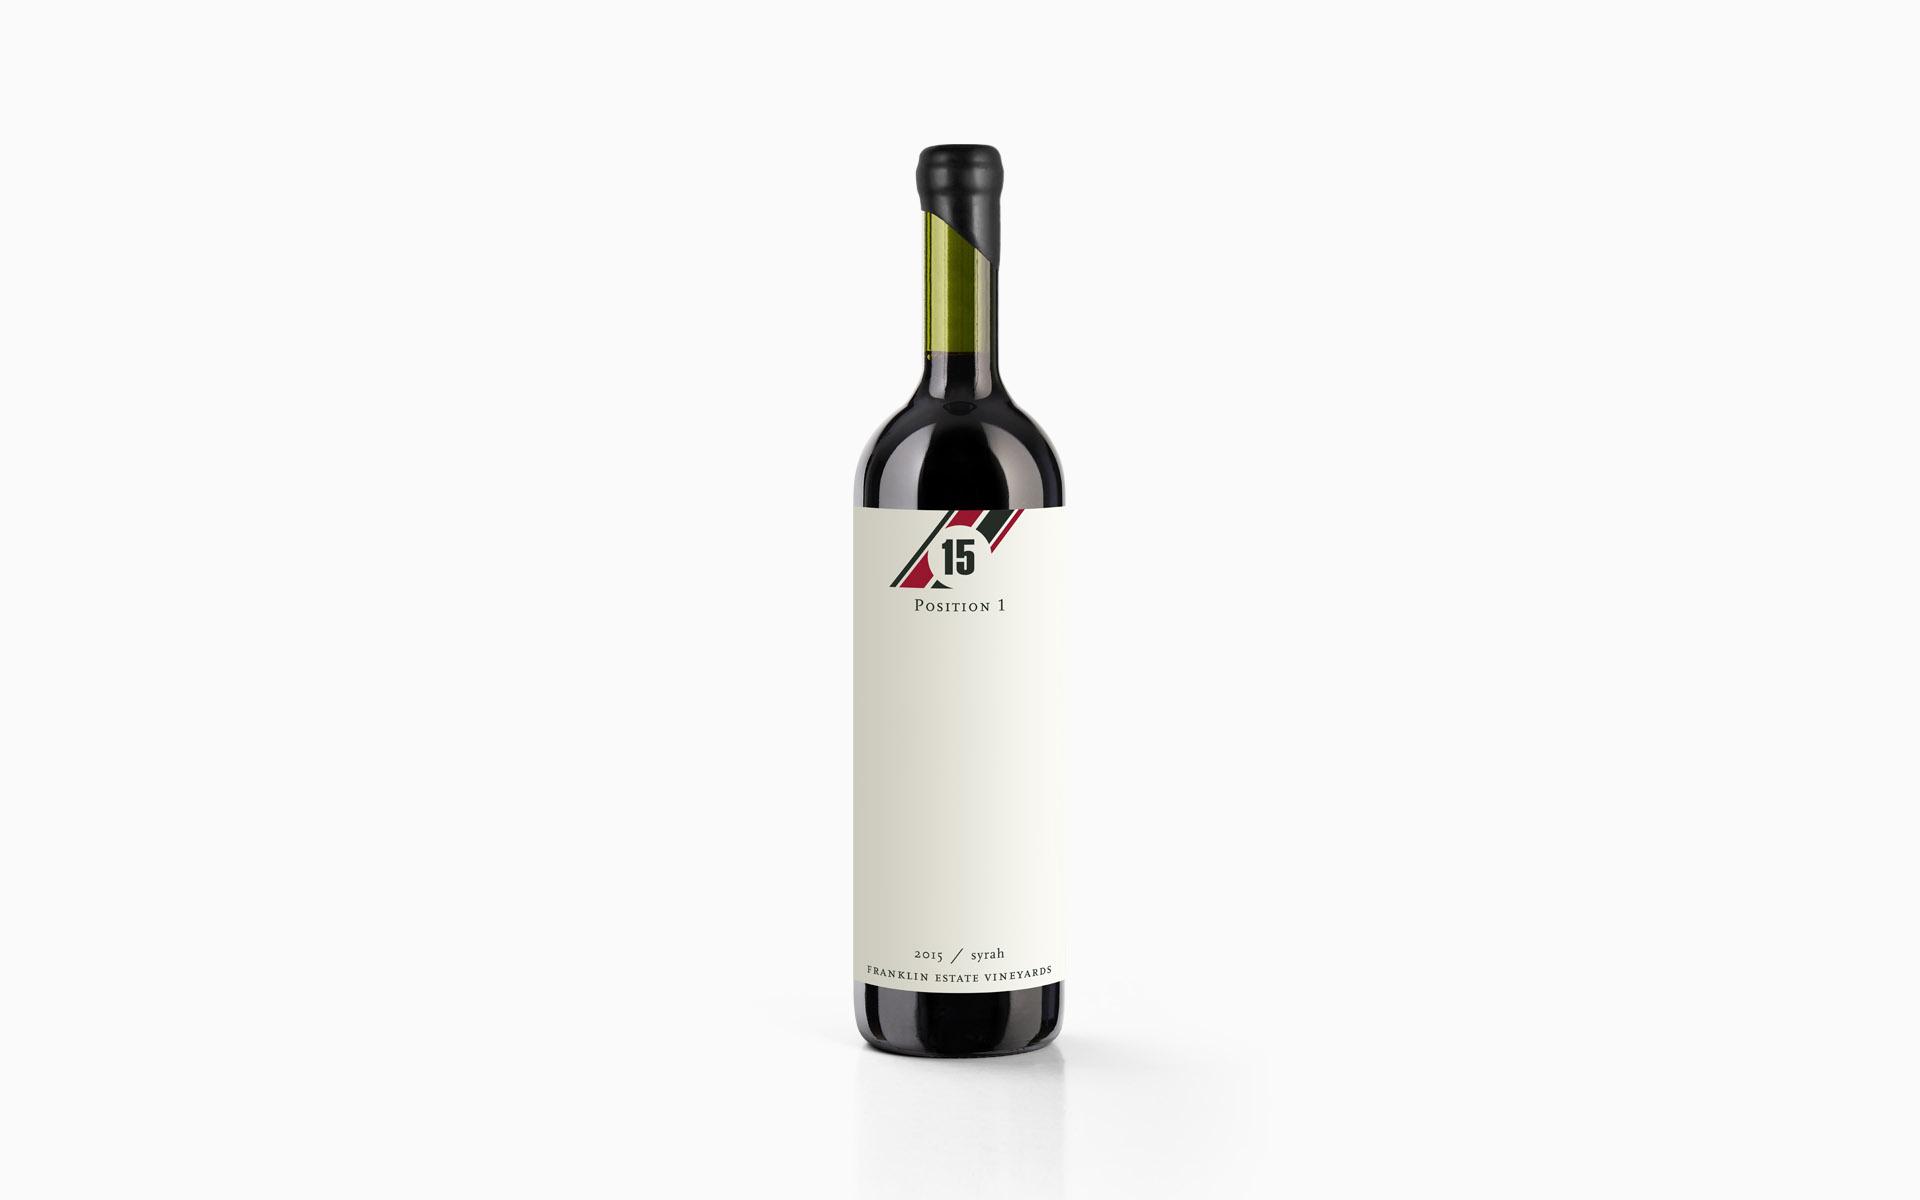 Franklin Estate Vineyards Position 1 Syrah Wine Labeling